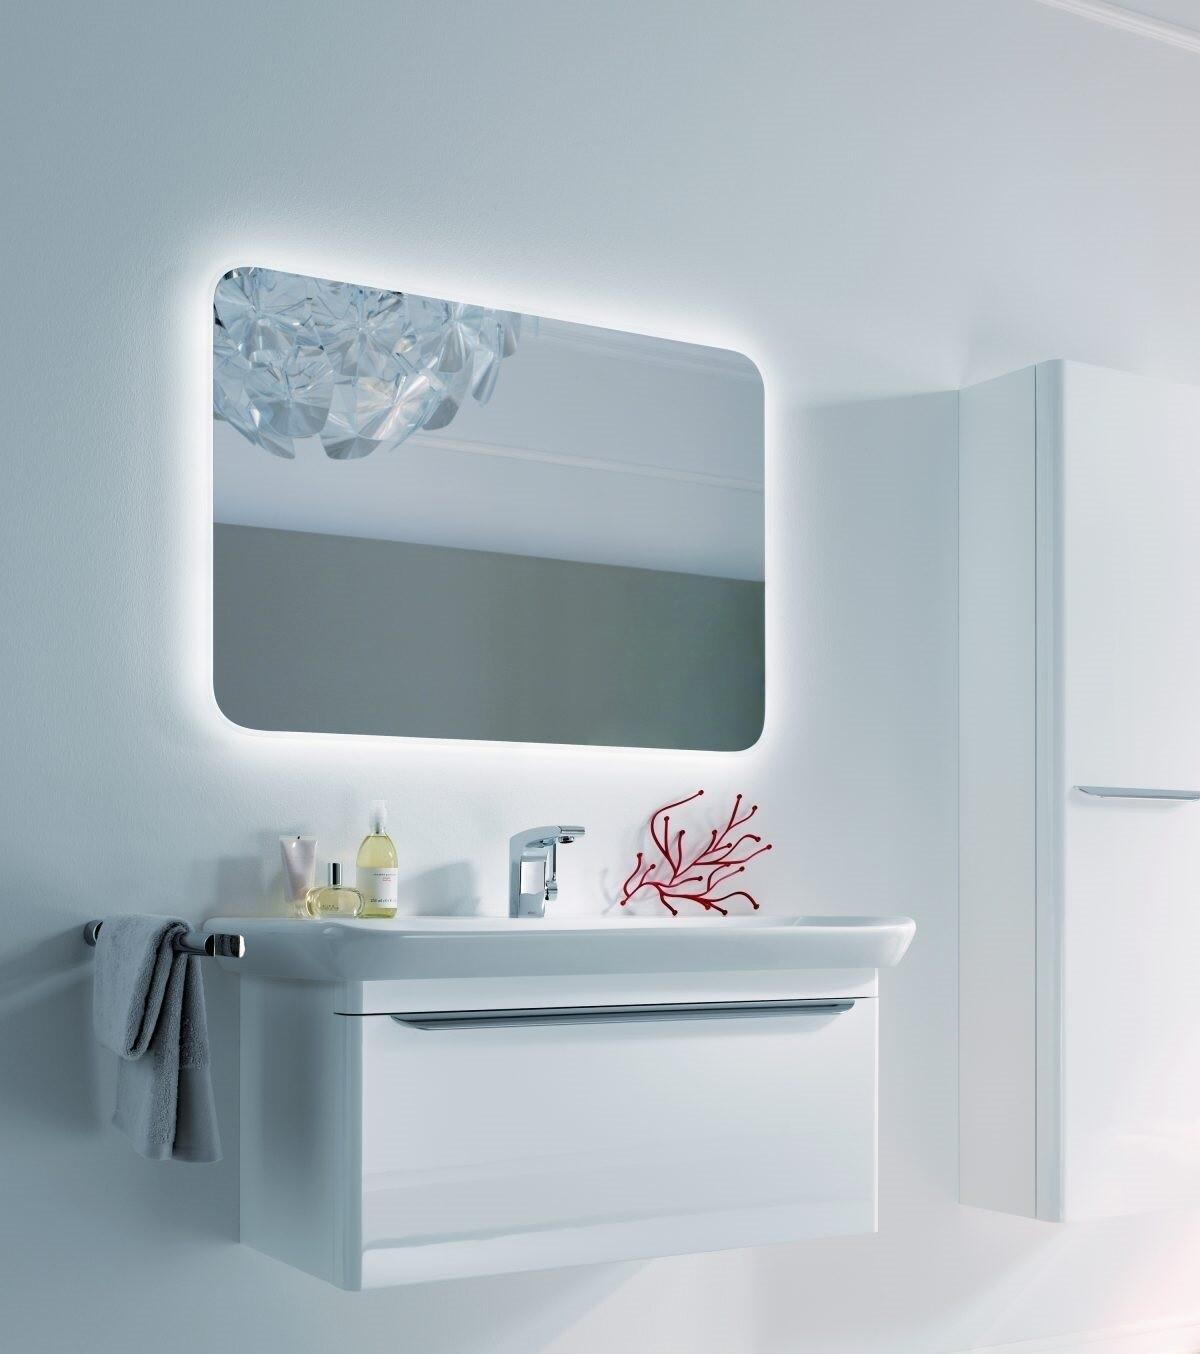 Miroir lumineux Geberit myDay 100 cm avec éclairage indirect